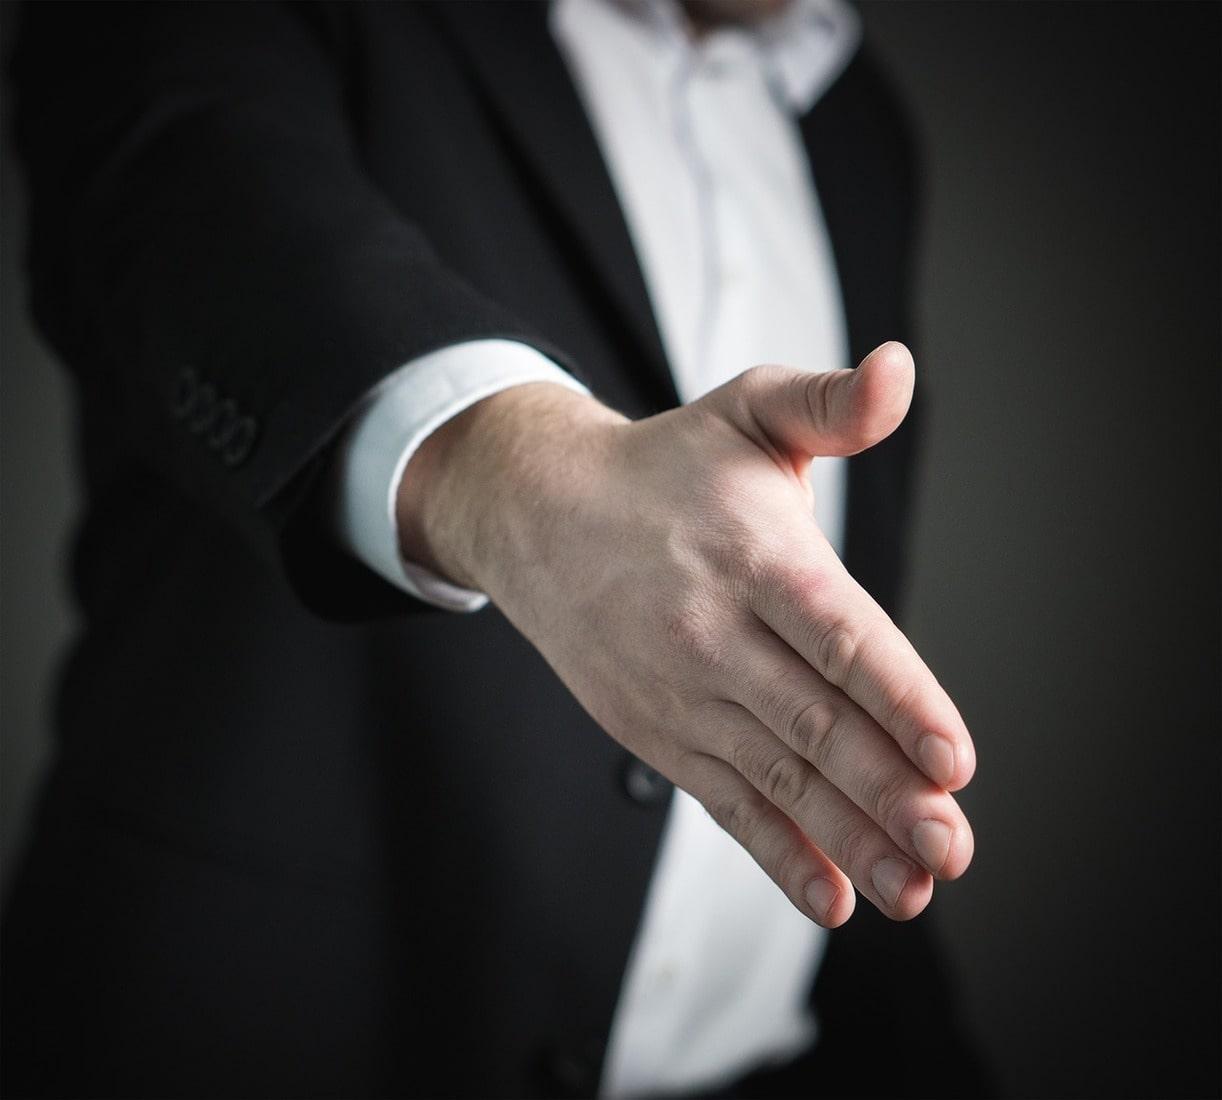 podawanie ręki na rozmowie